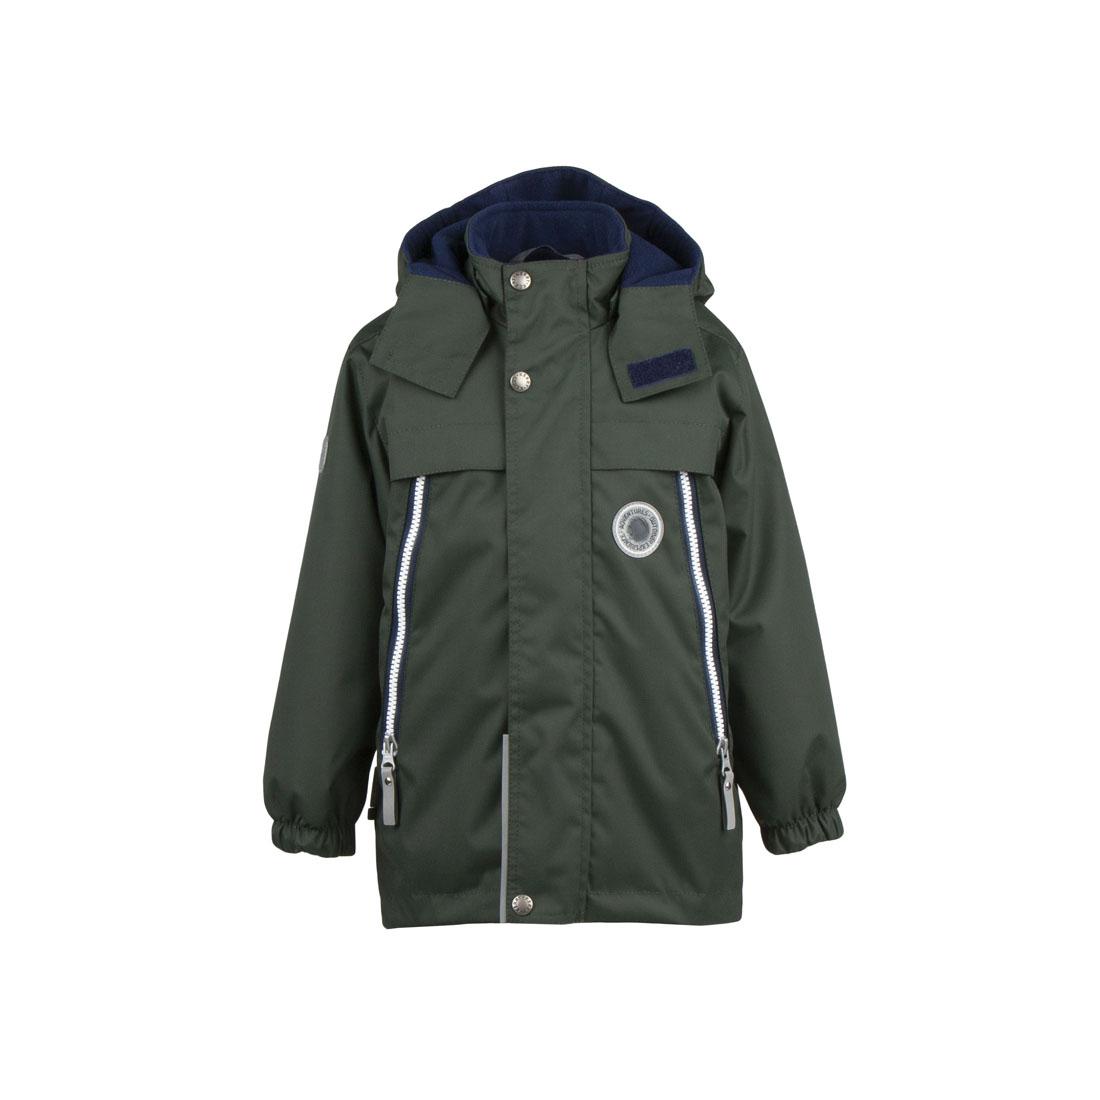 Куртка для мальчиков KERRY KEVIN K20024, размер 104,  - купить со скидкой